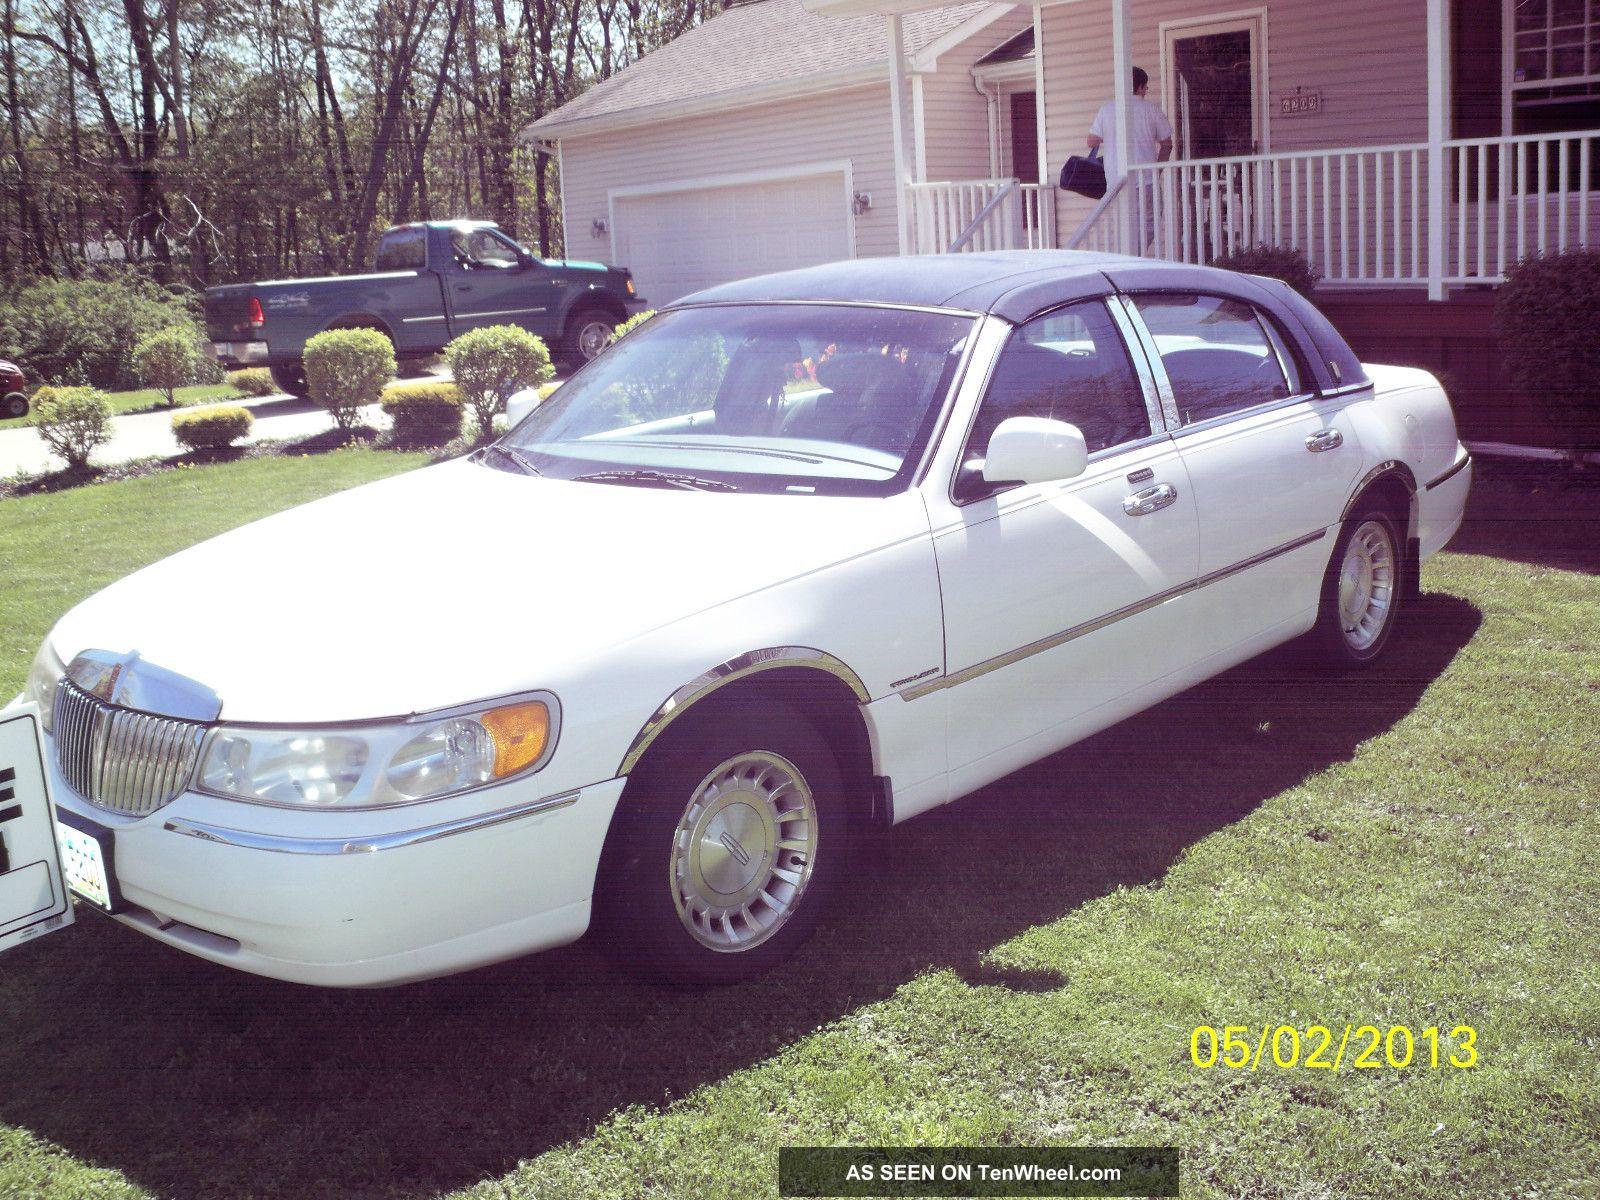 2001 lincoln town car executive sedan 4 door 4 6l. Black Bedroom Furniture Sets. Home Design Ideas